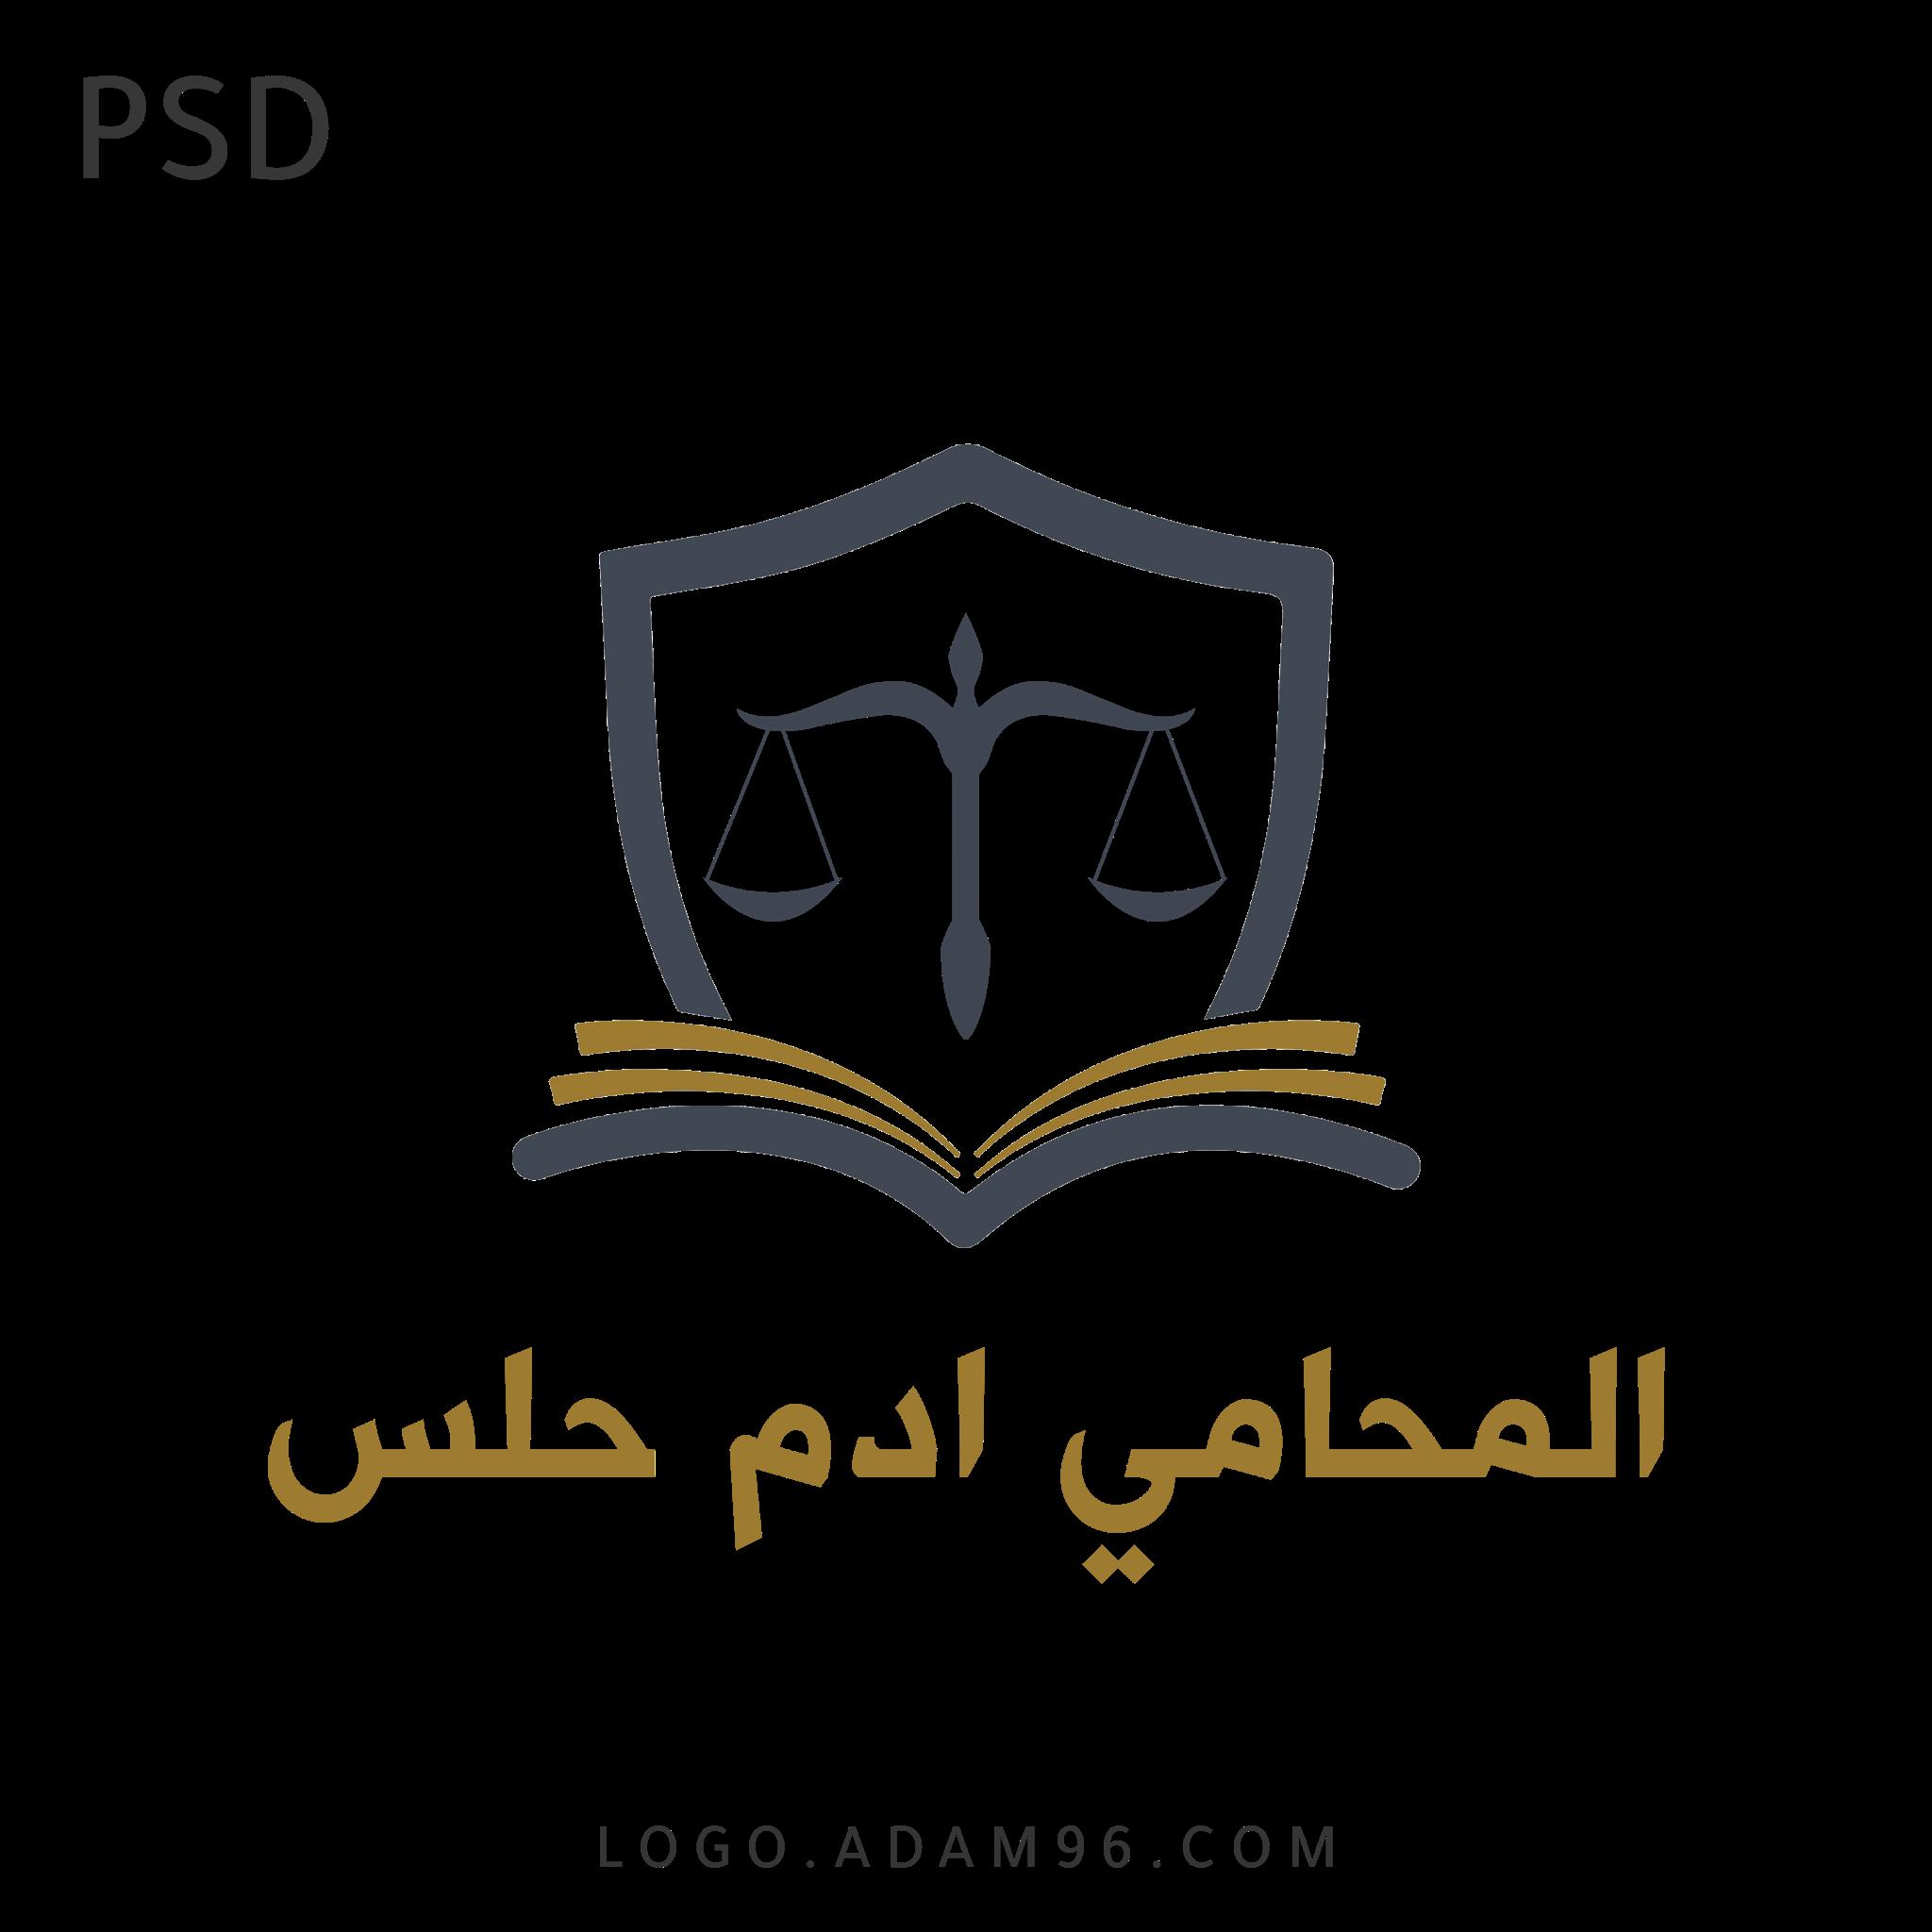 تحميل شعار محامي احترافي بلا حقوق بصيغة PSD يسمح في اعادة التعديل